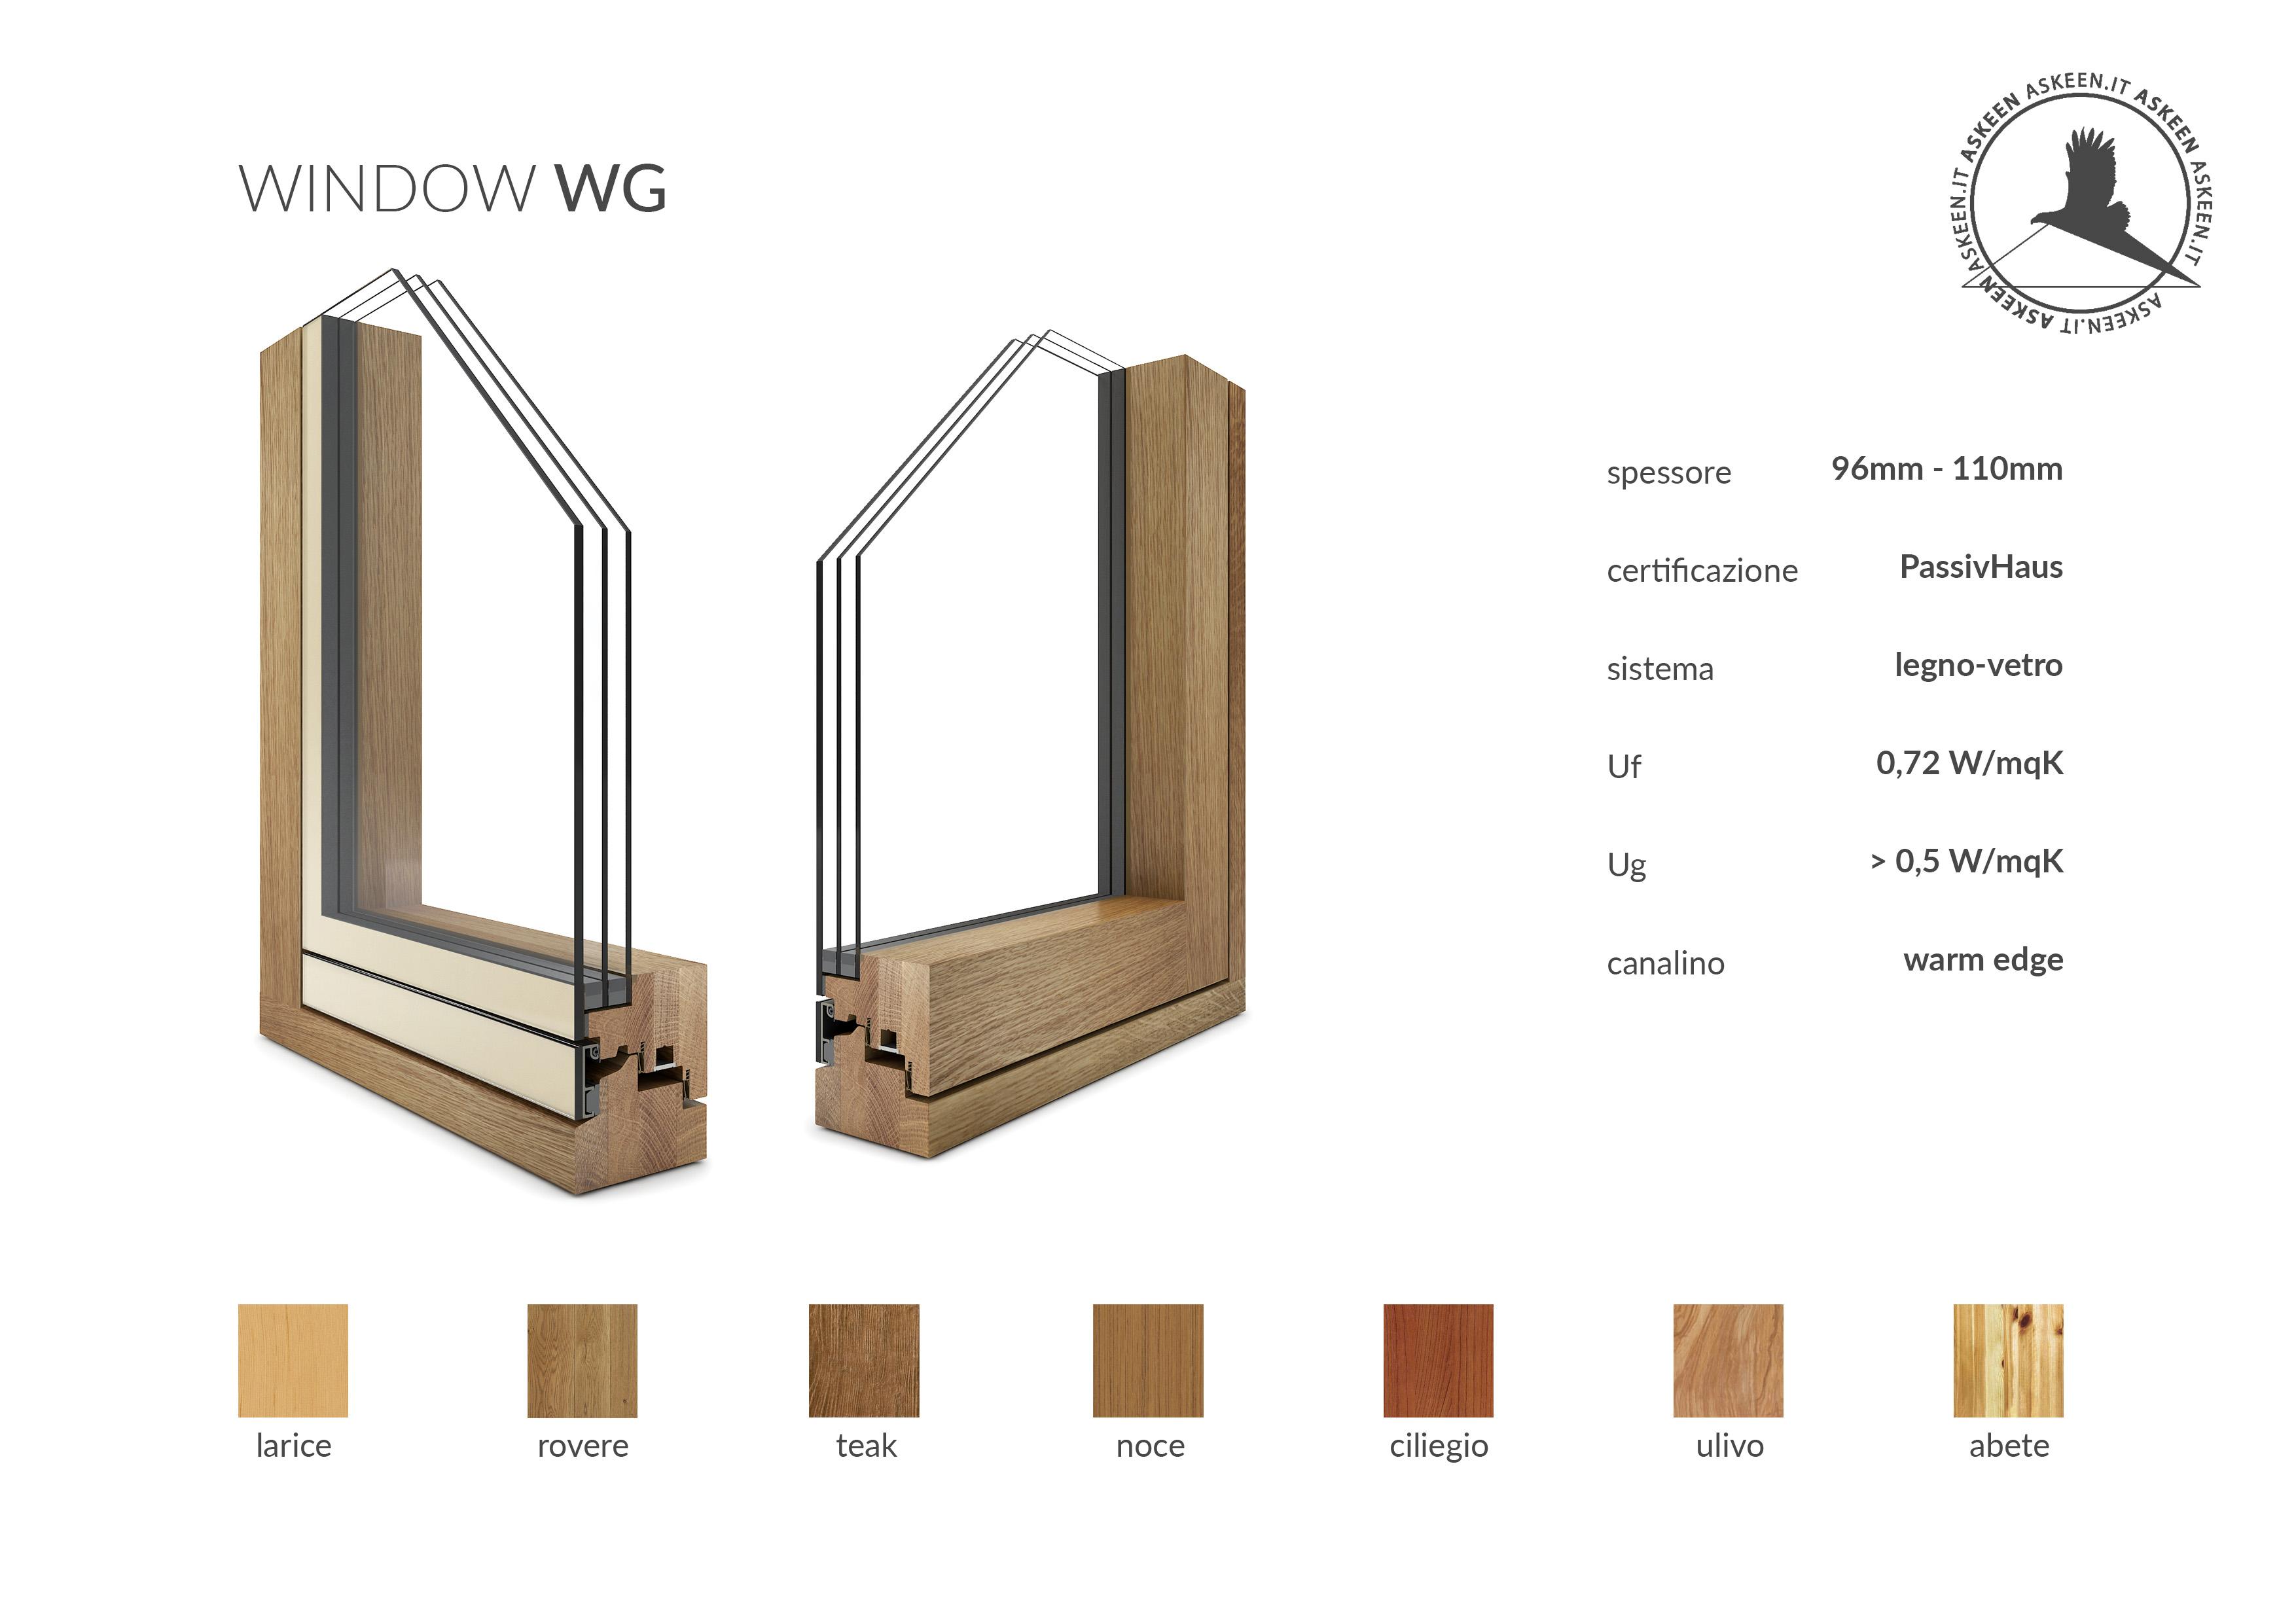 WINDOW WG